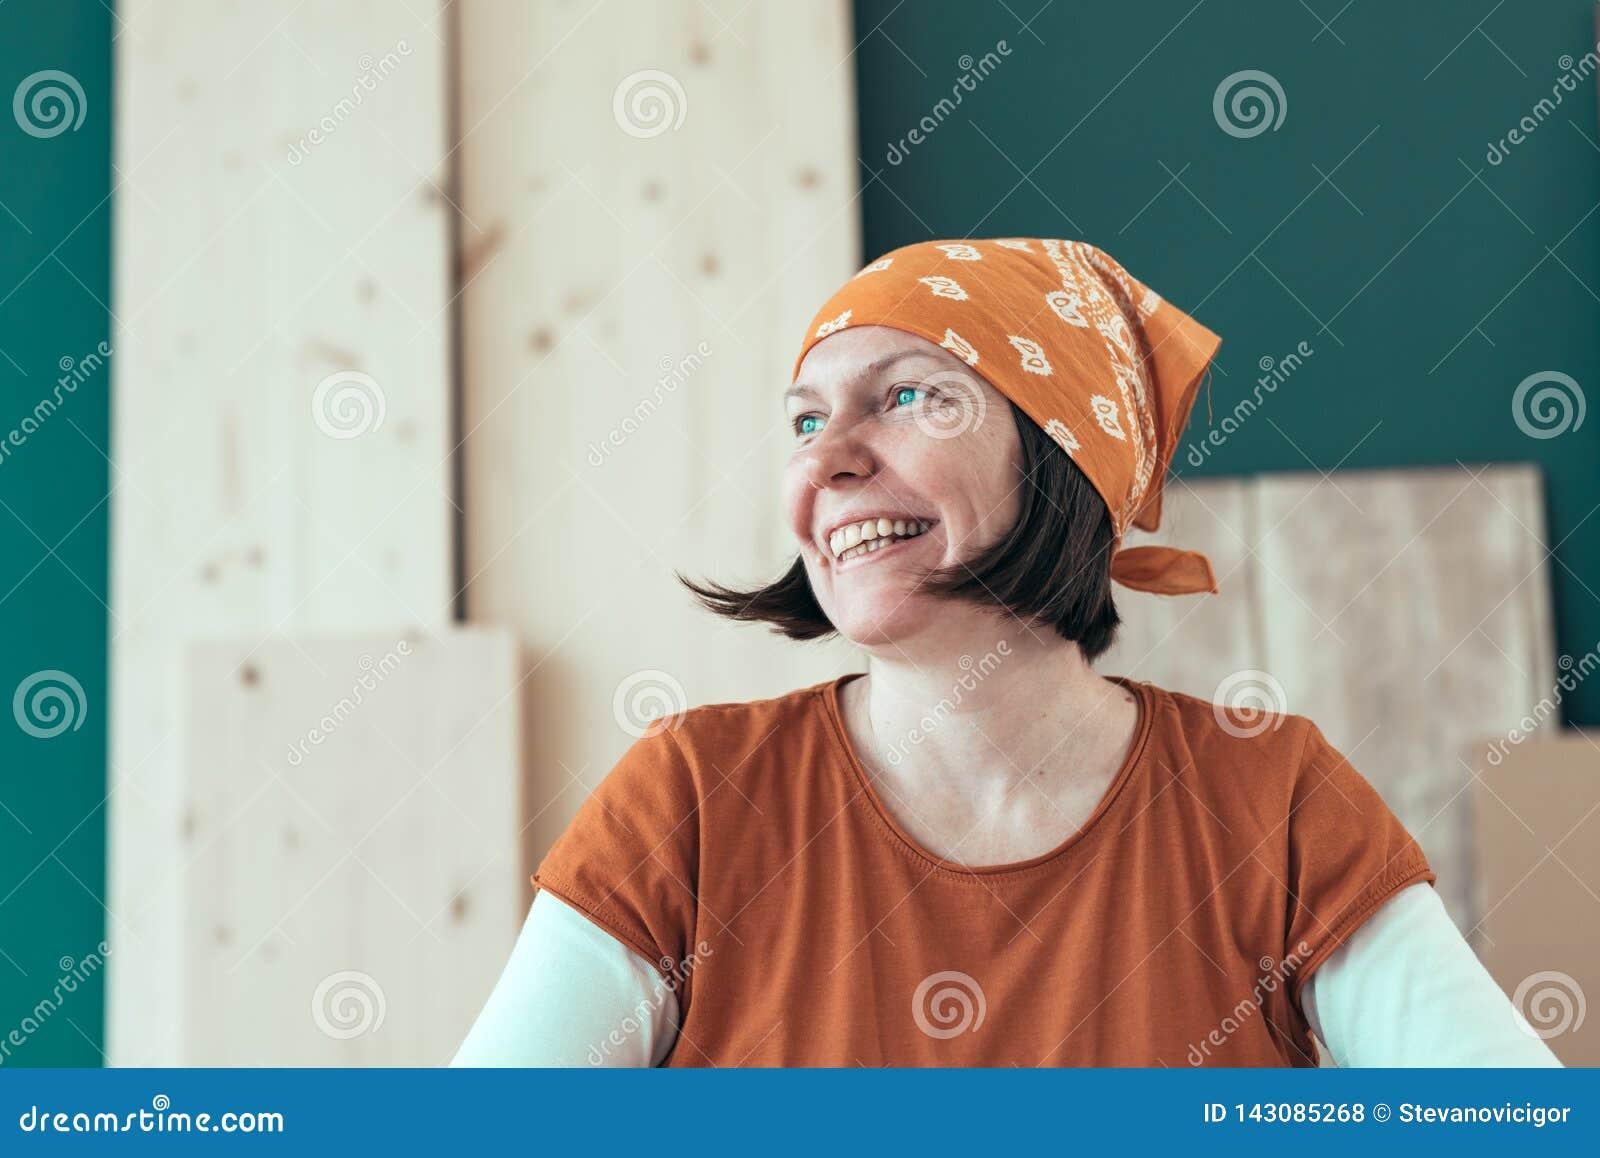 Portret van glimlachende vrouwelijke timmerman die headscarf bandana dragen